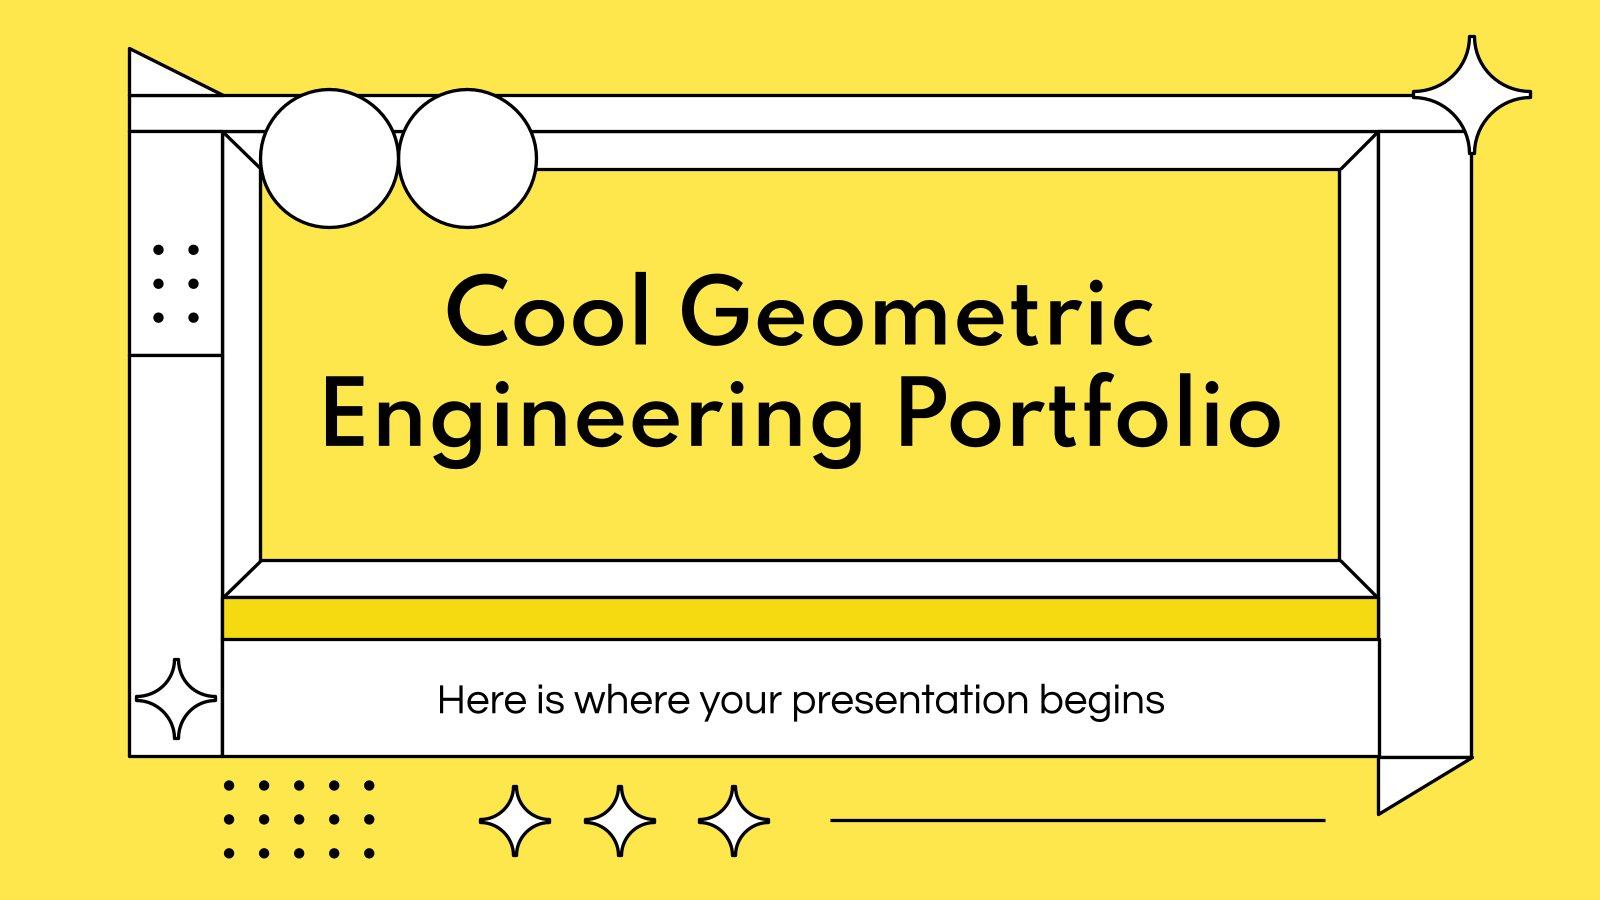 Cooles Geometrisches Ingenieurportfolio Präsentationsvorlage